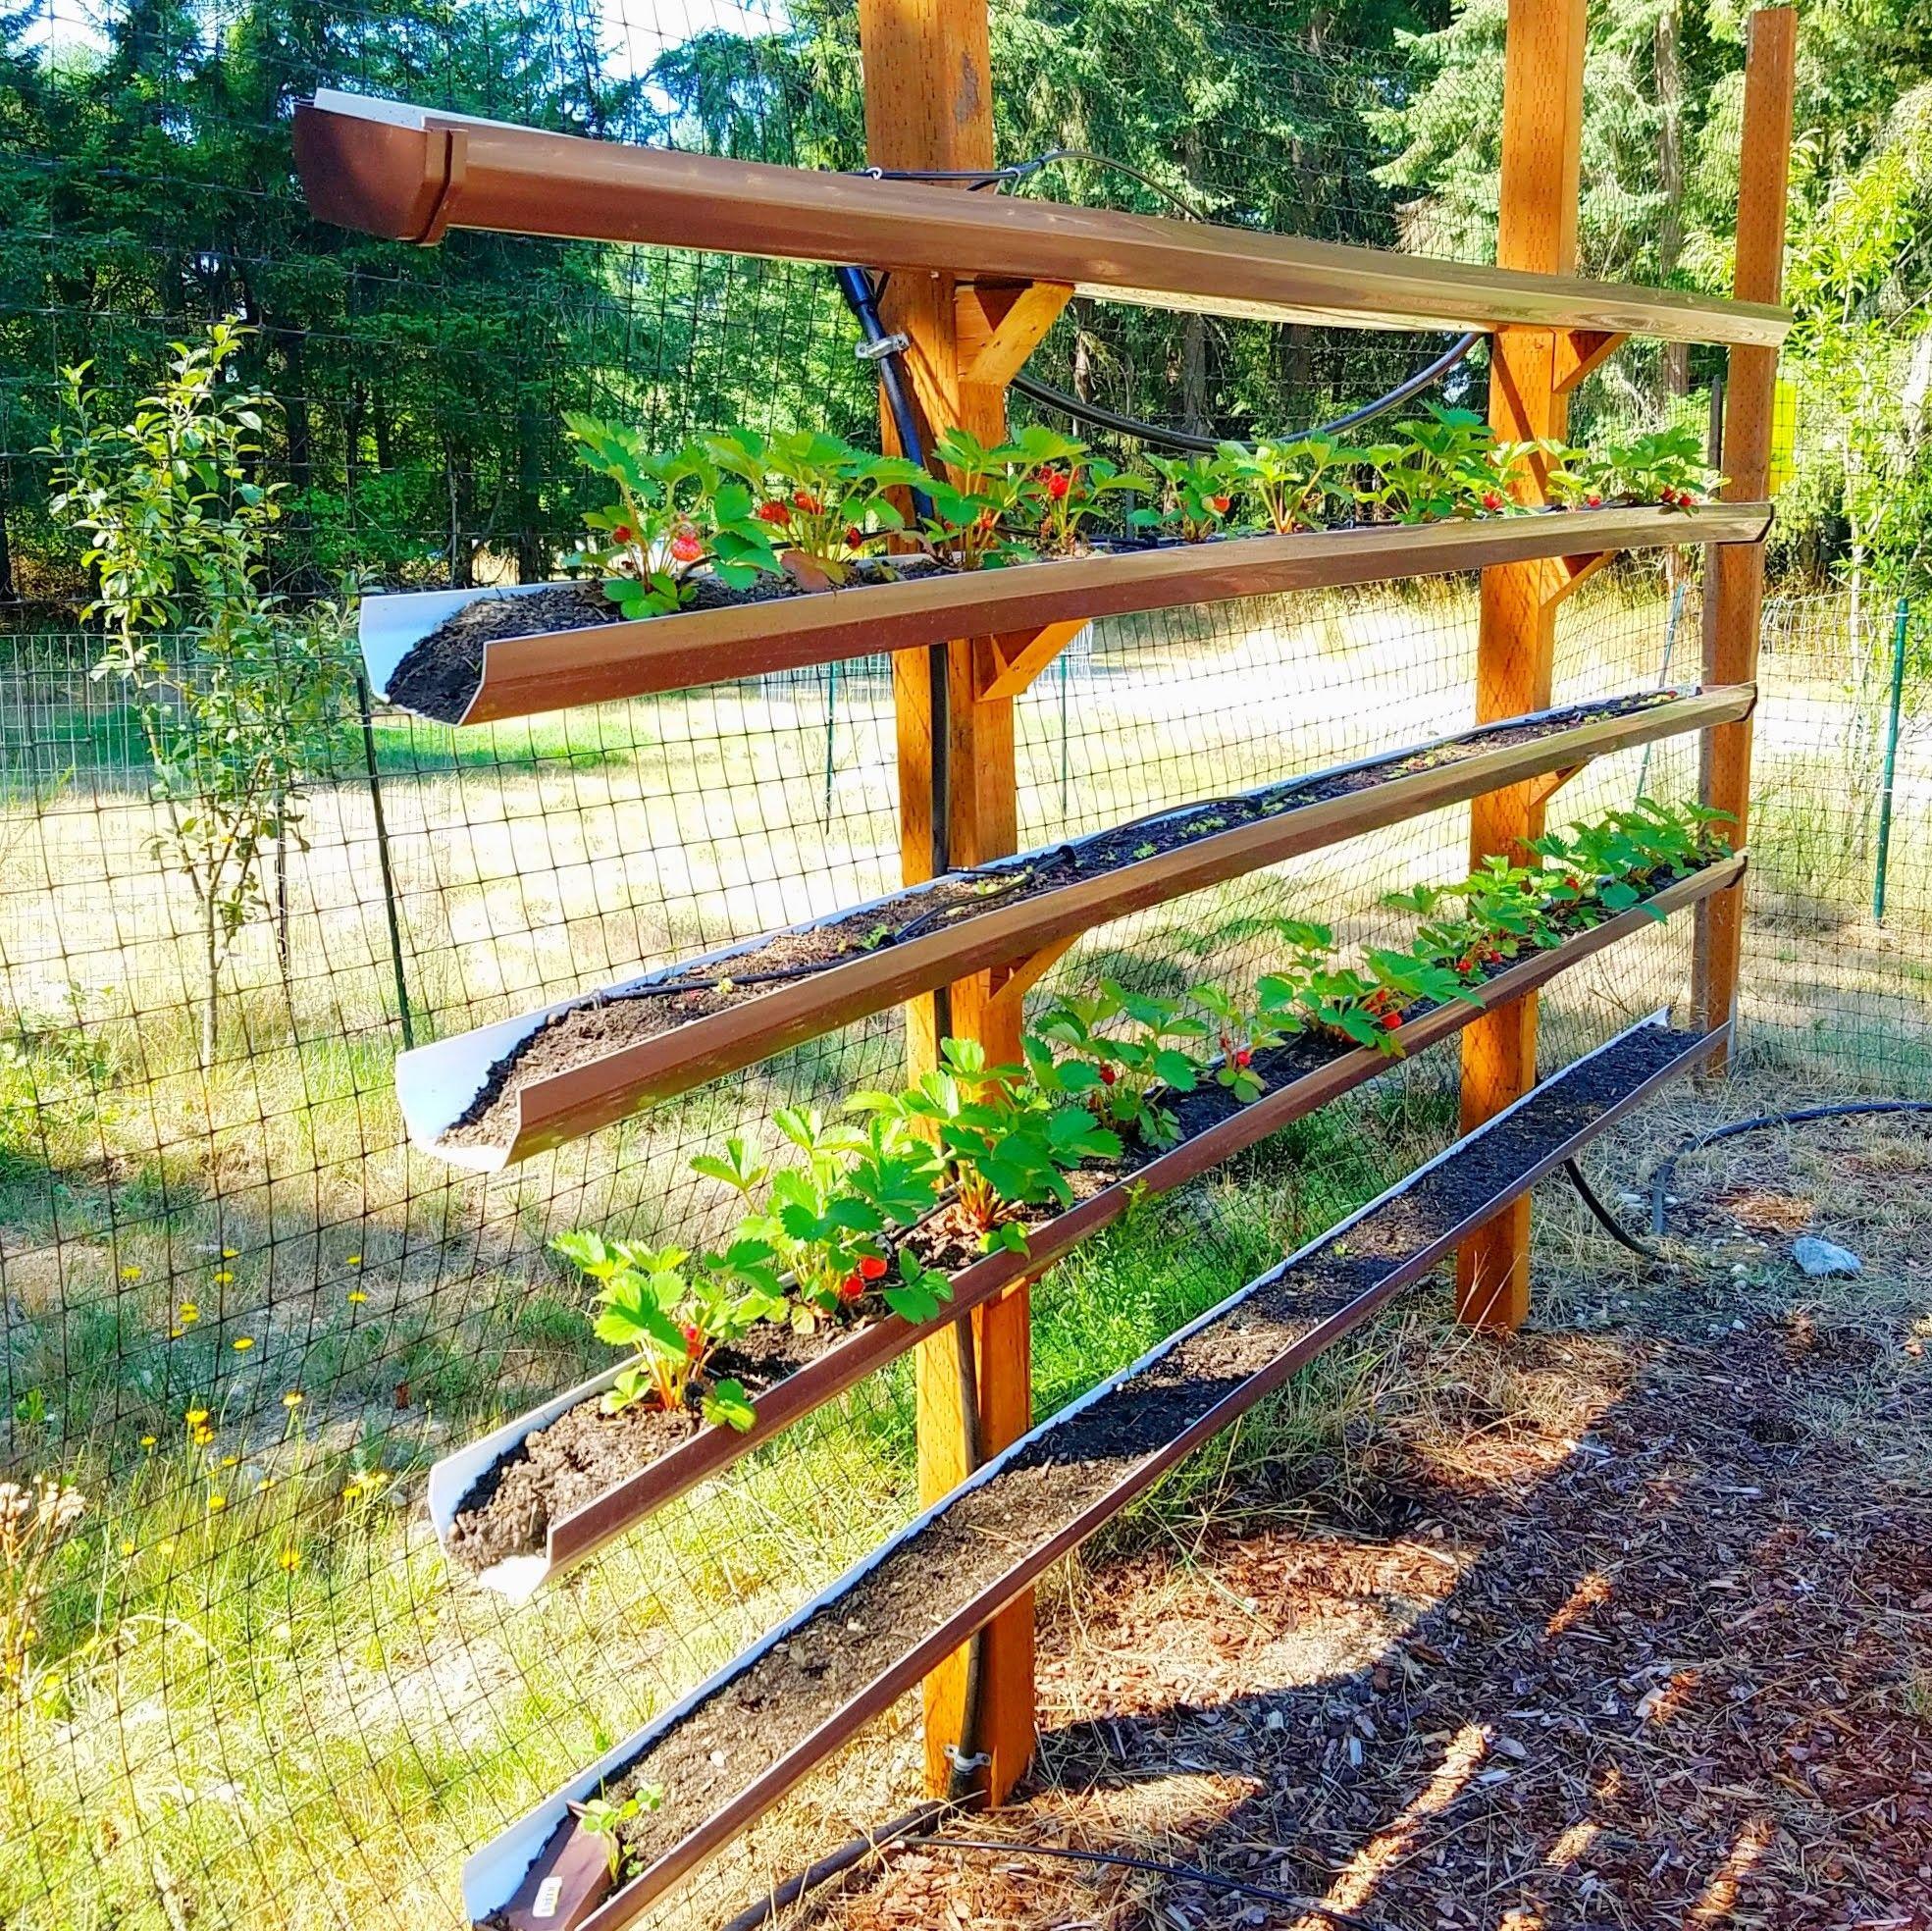 Rain Gutter Strawberry Beds Strawberry Beds Gutter Garden Garden Design